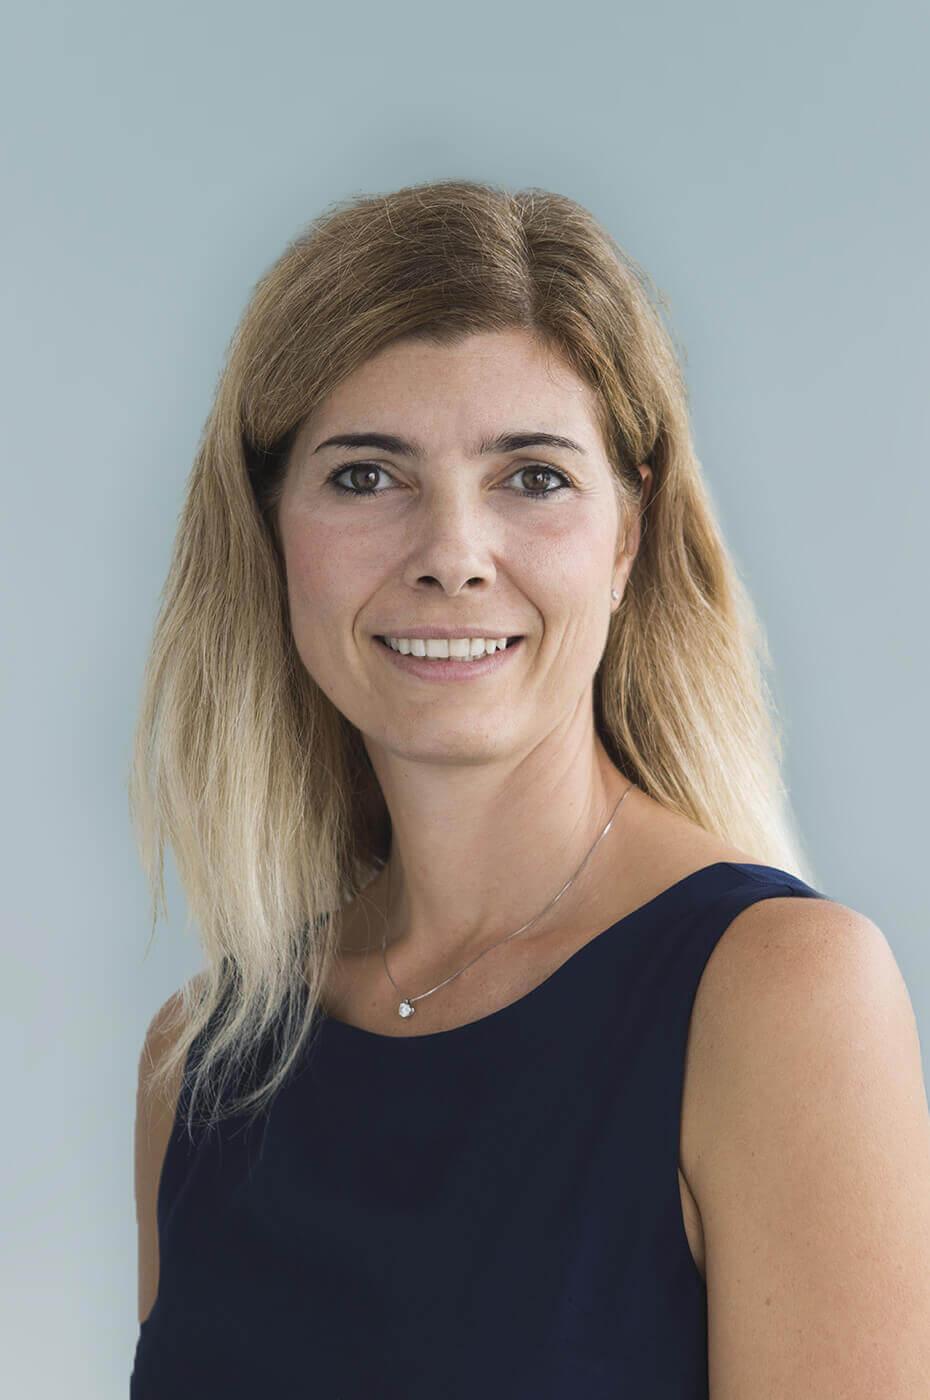 Silvia Bon : Head Administration und Gesellschaftssekretärin der Abalone-Gruppe